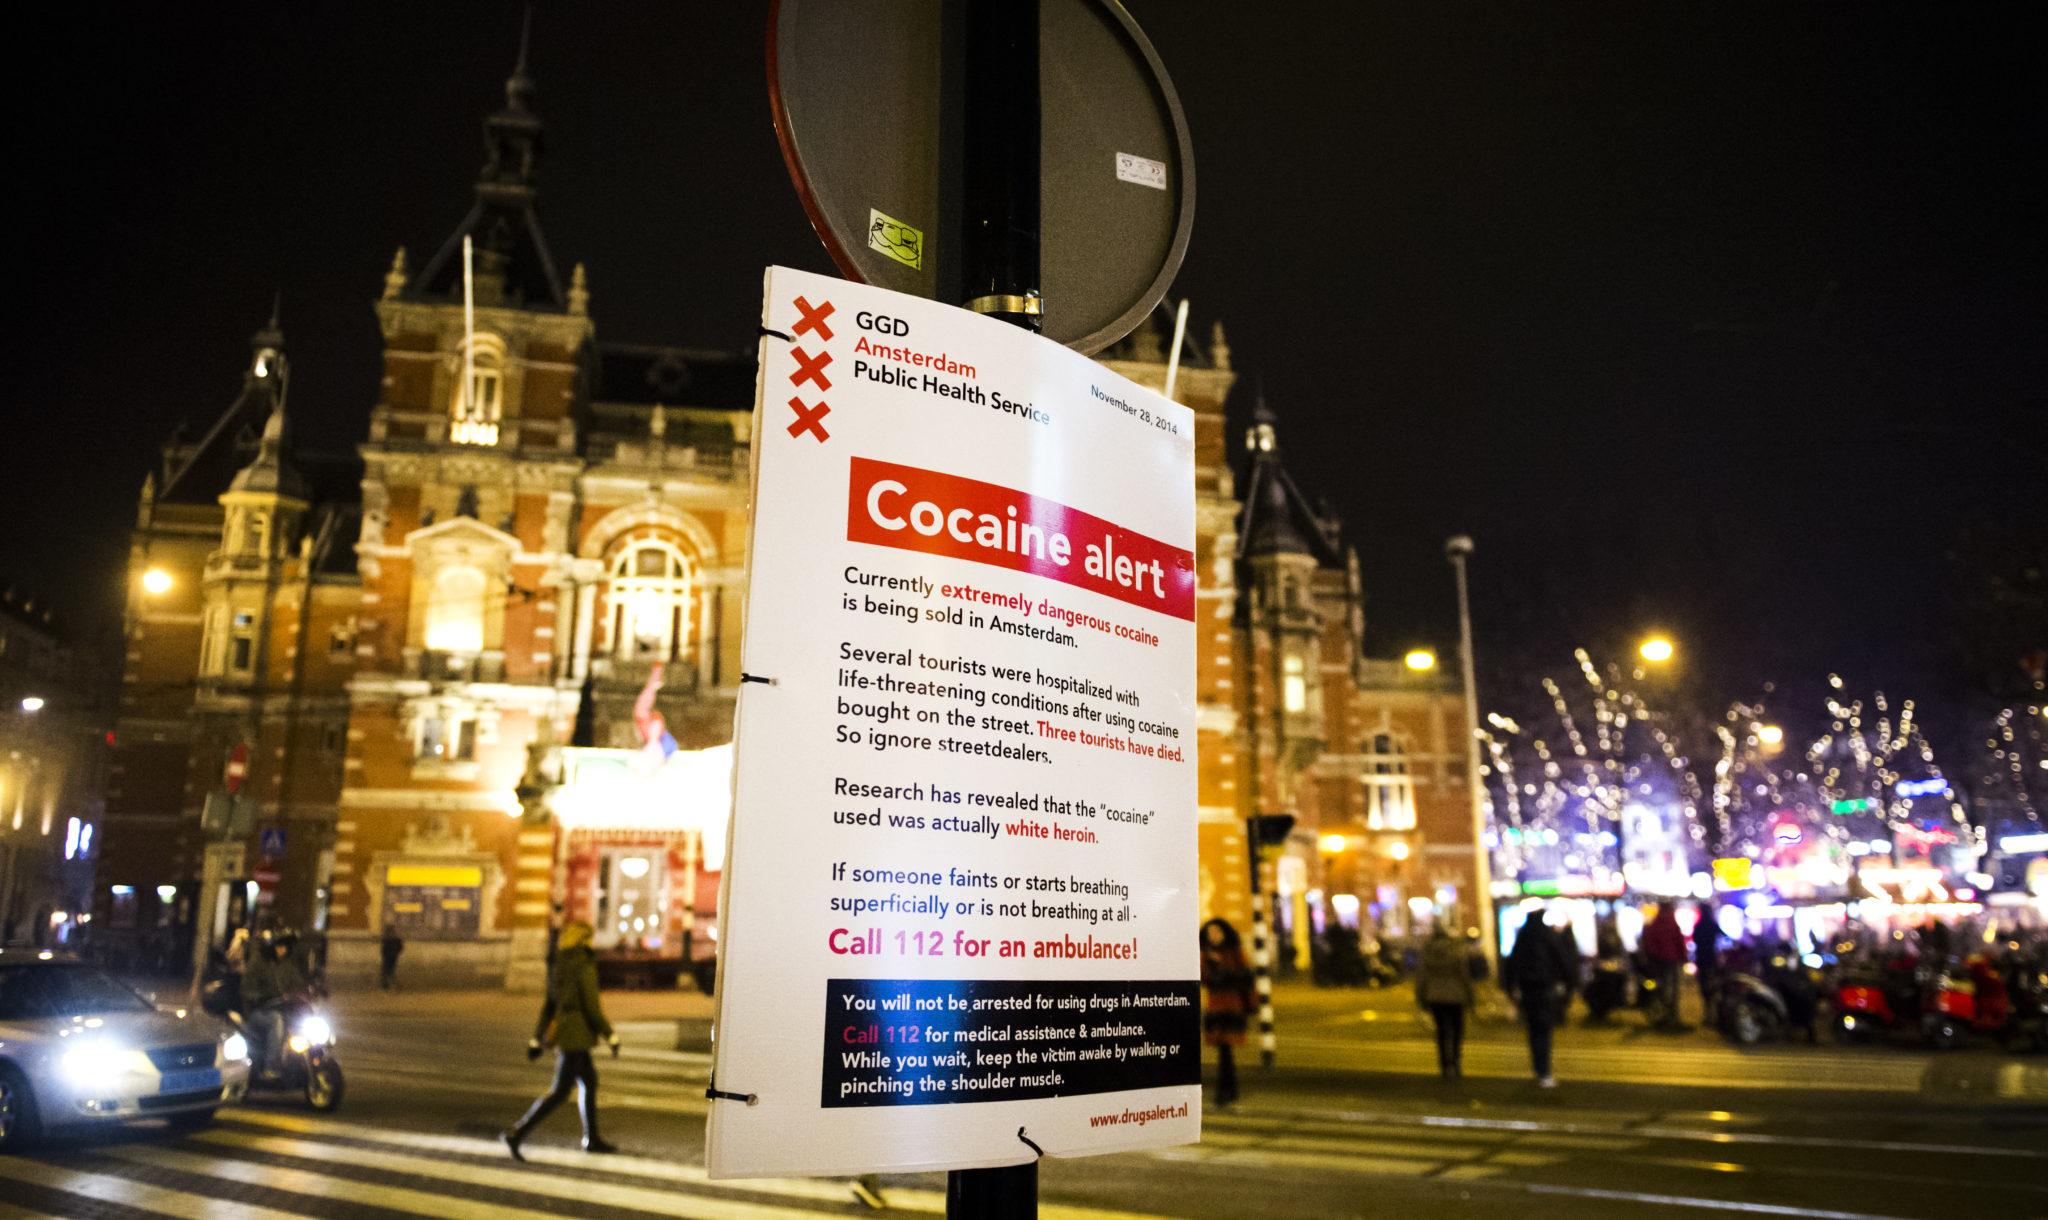 Drugsmisdaad ontwricht Amsterdam: 'Ga handhaven!' - Elsevier